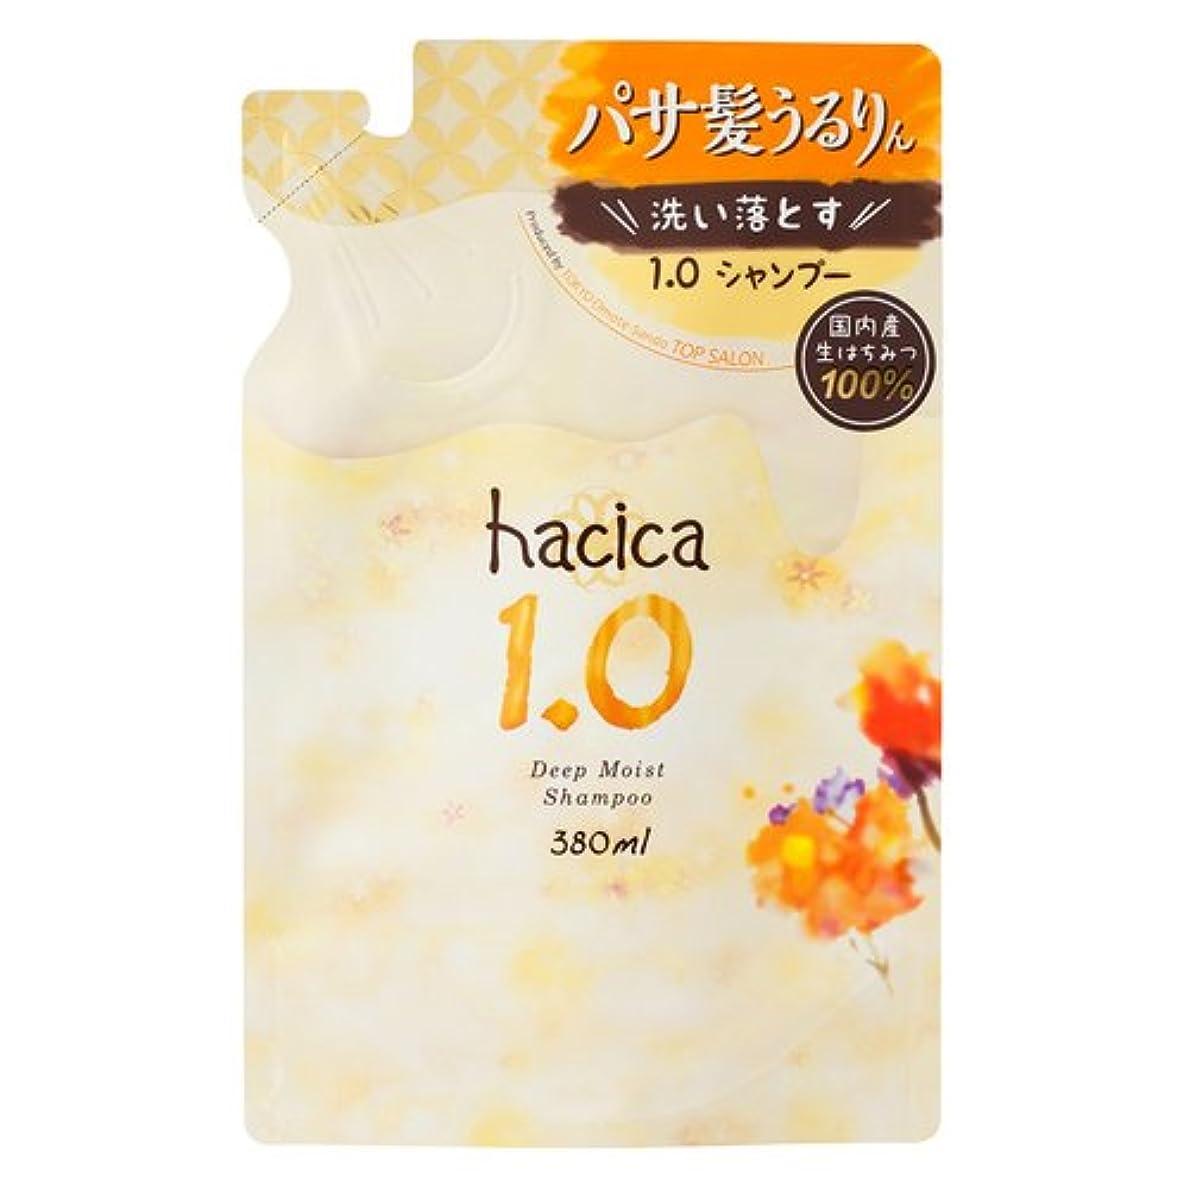 強風リフト甘美なハチカ ディープモイスト シャンプー1.0 詰替 380ml